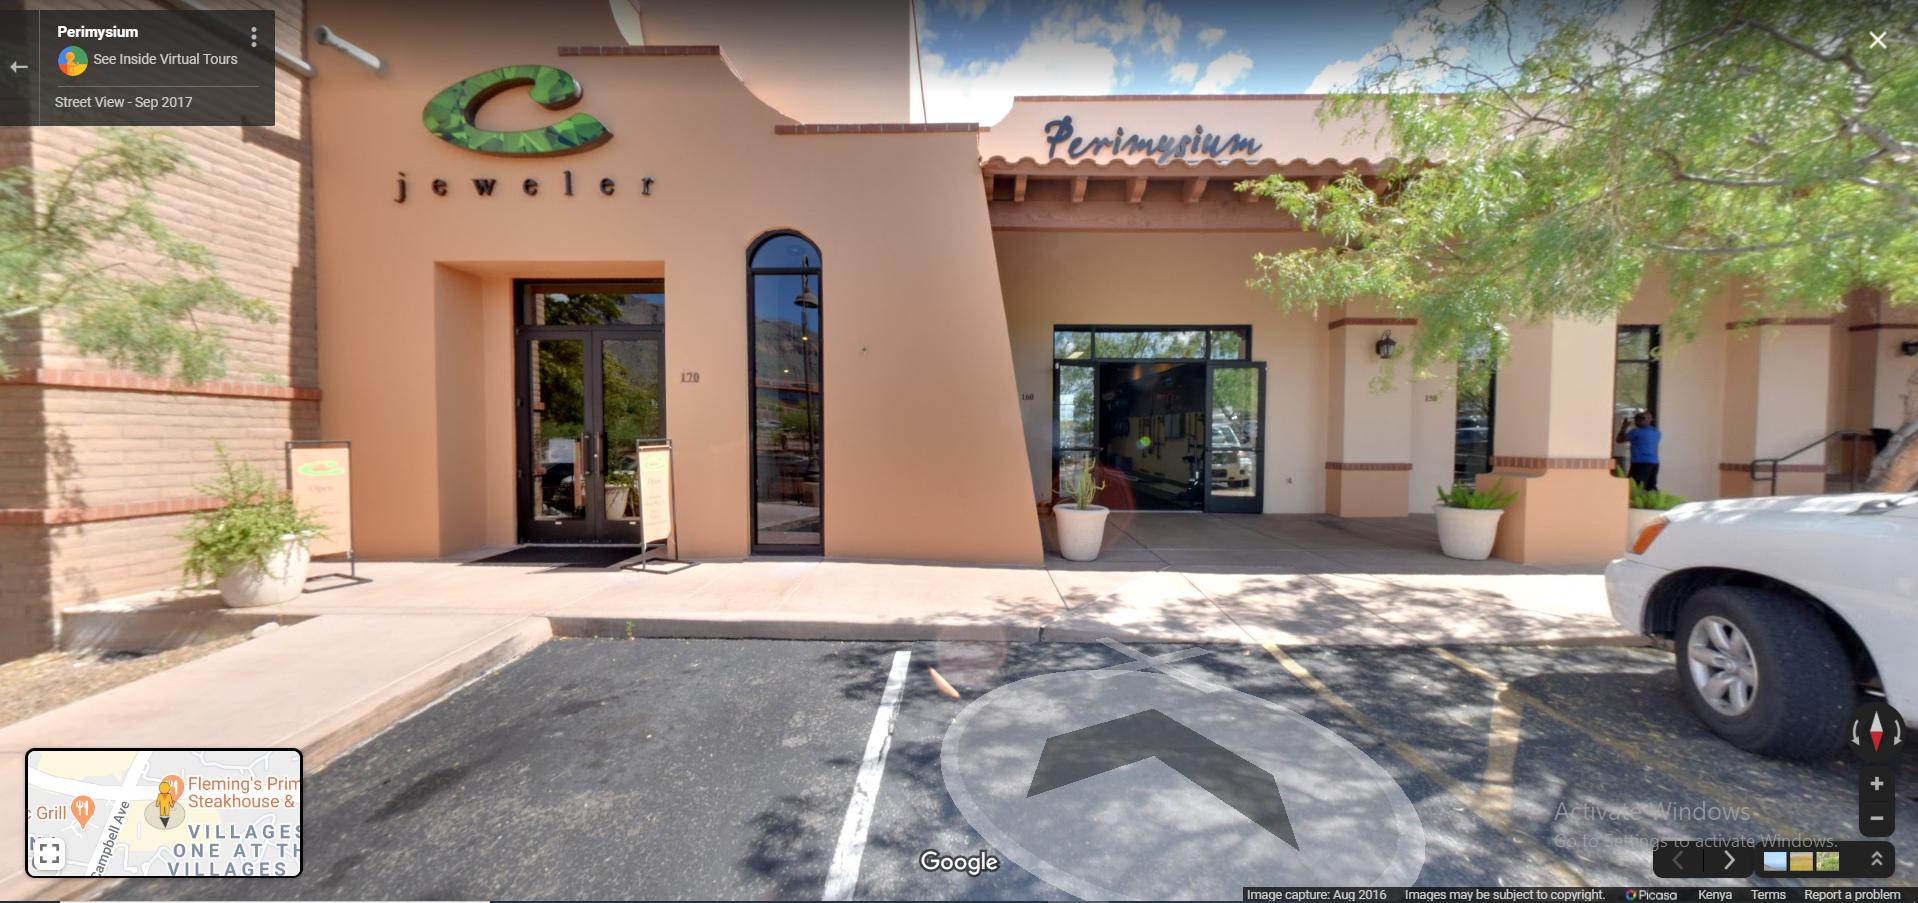 Perimysium Personal Training - Tucson